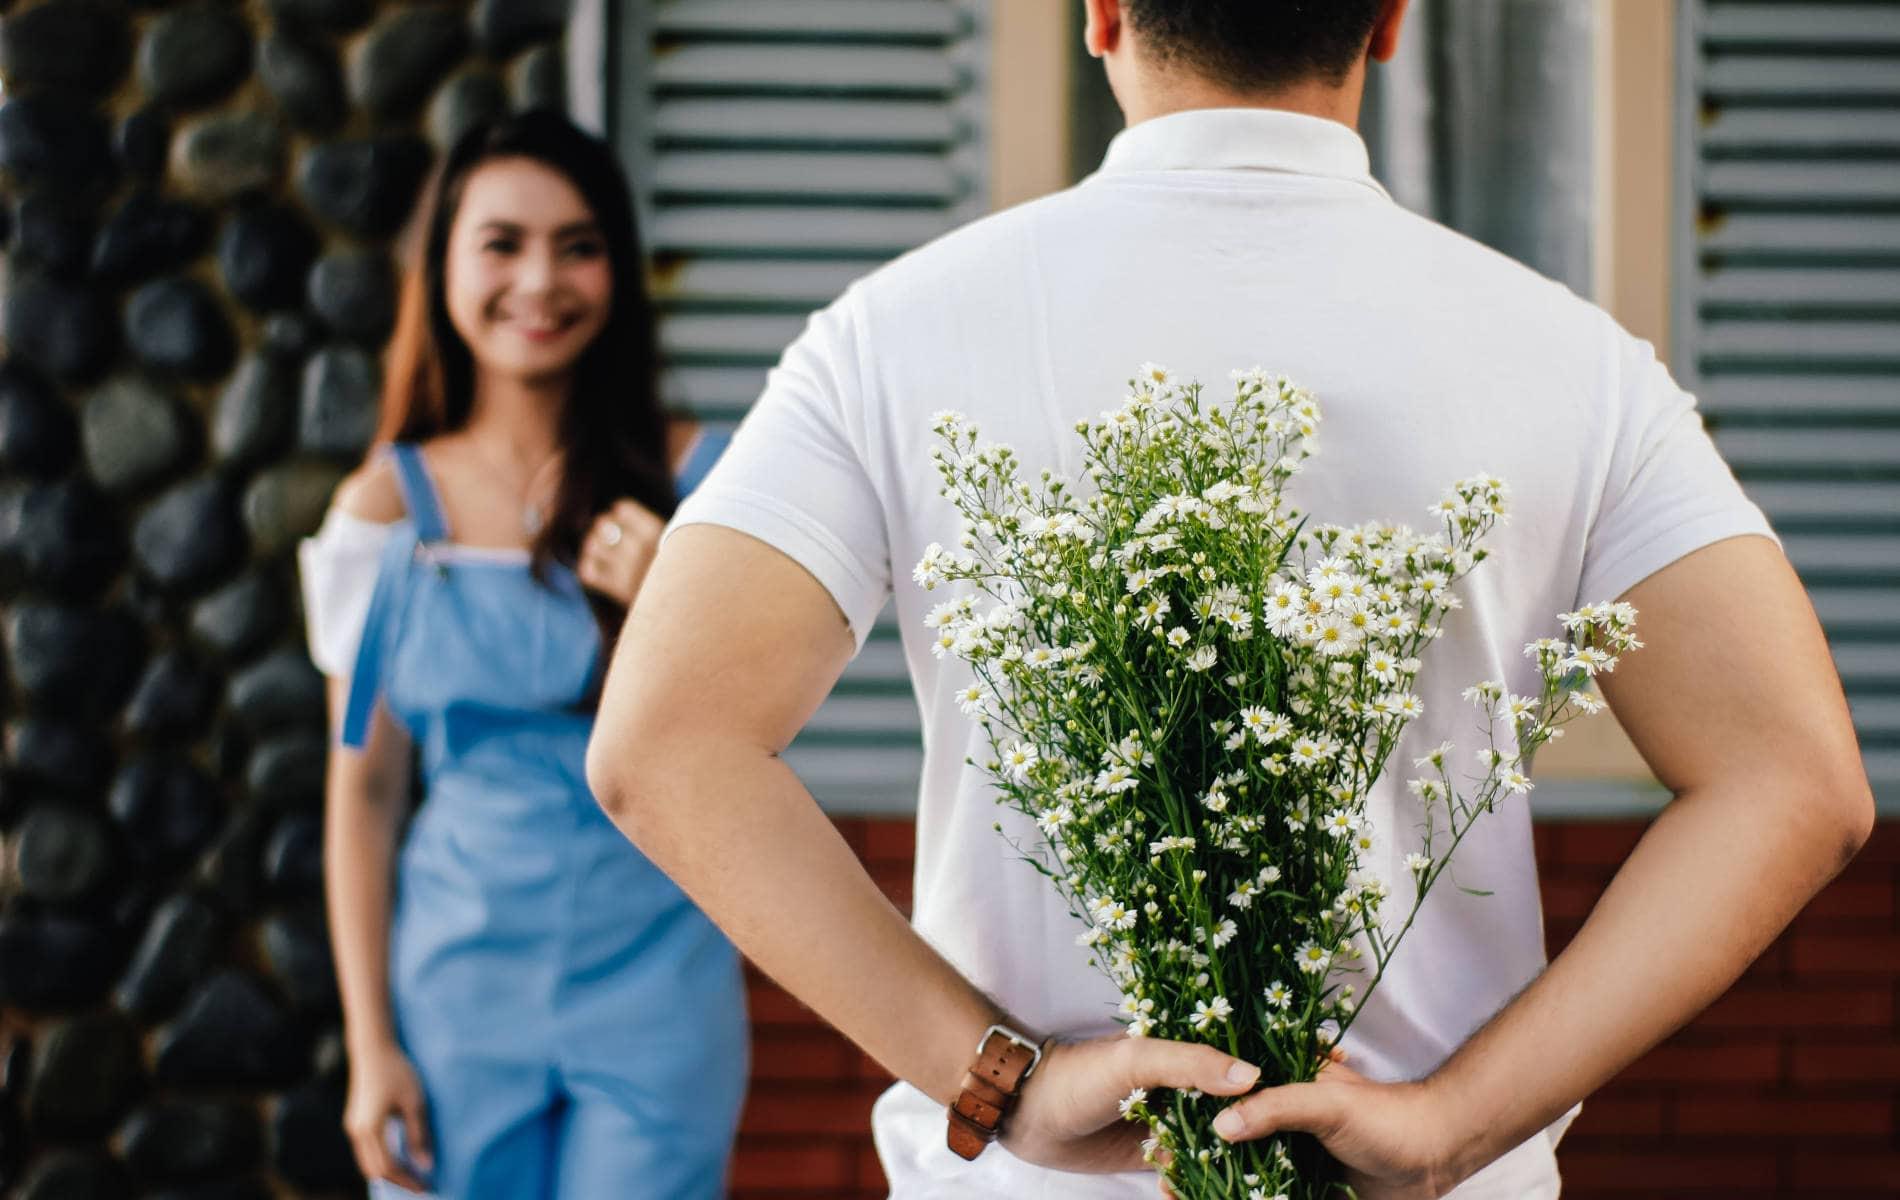 Mann schenkt seiner Freundin einen Blumenstrauß